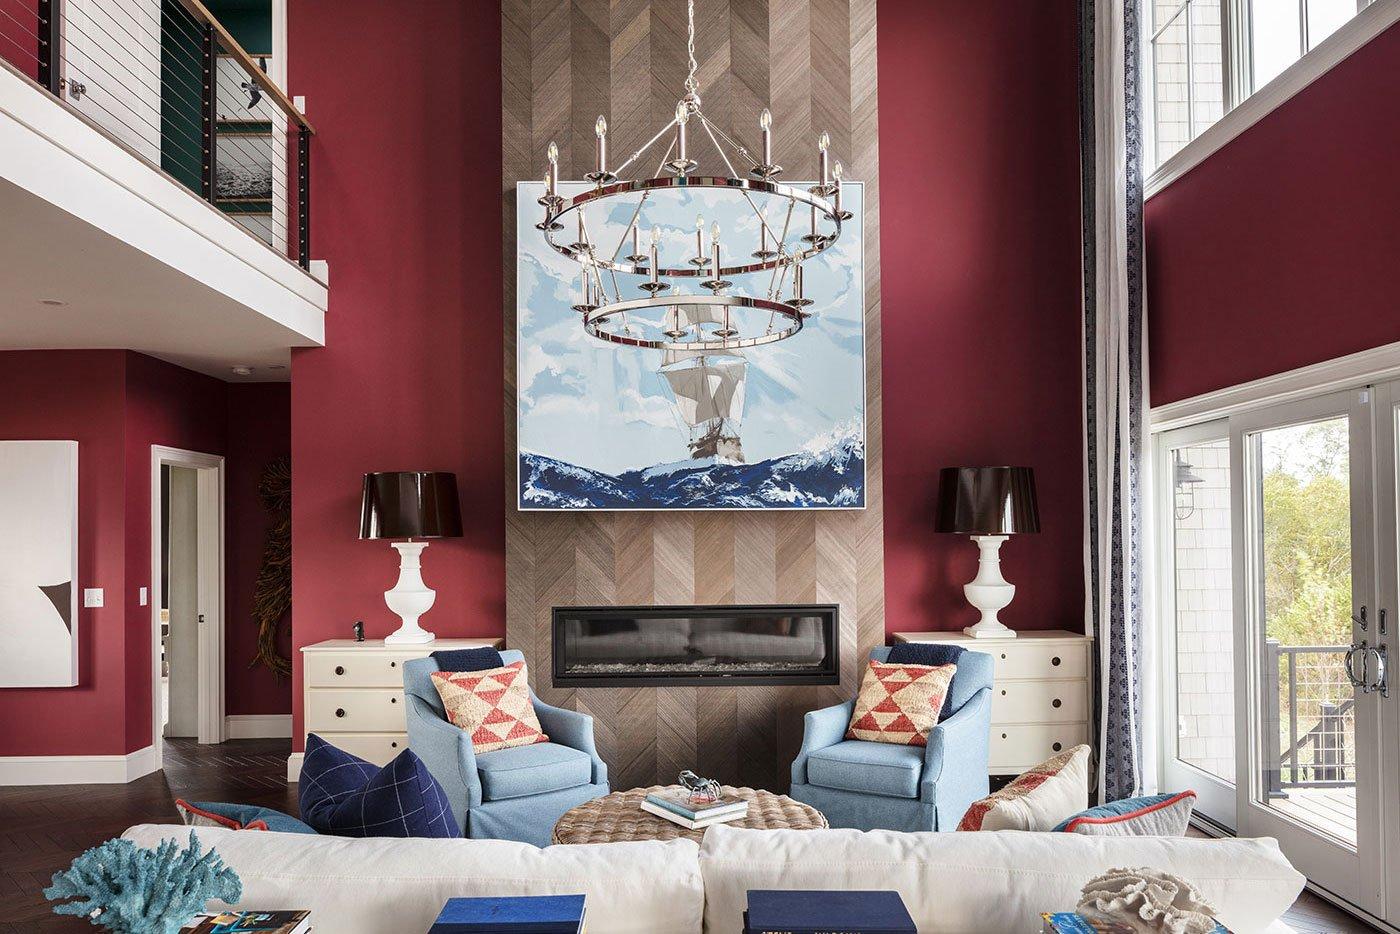 JPS Construction & Design | HGTV Dream Home® 2021 - New build